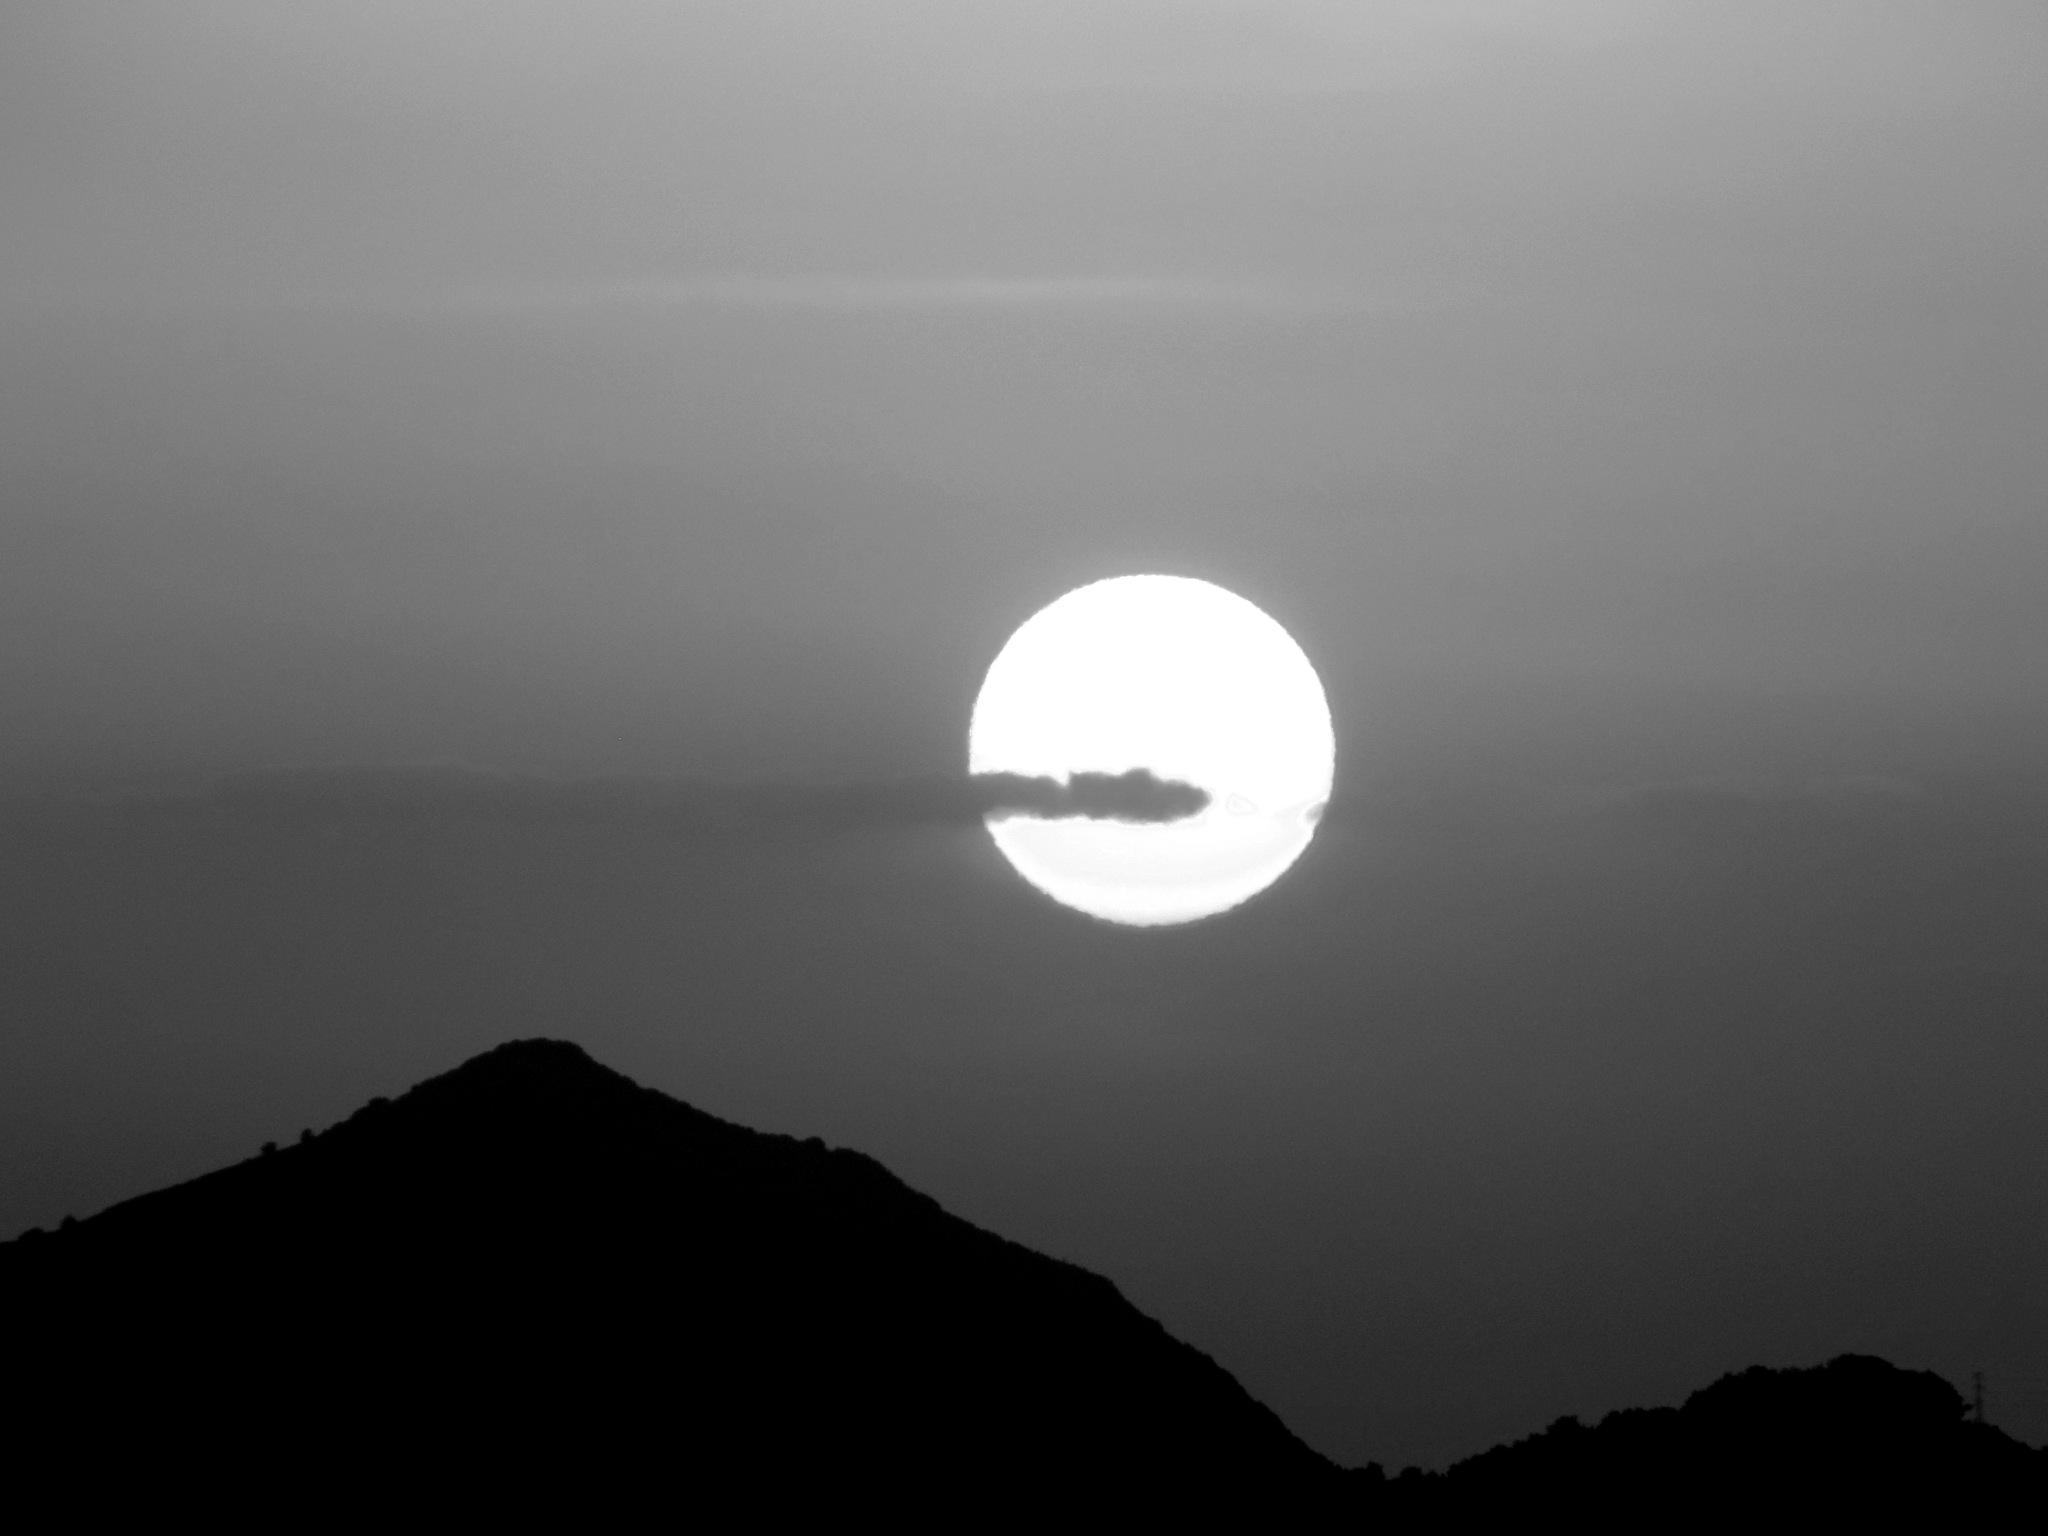 BEAUTIFUL SUNSET, B&W by Akin Saner